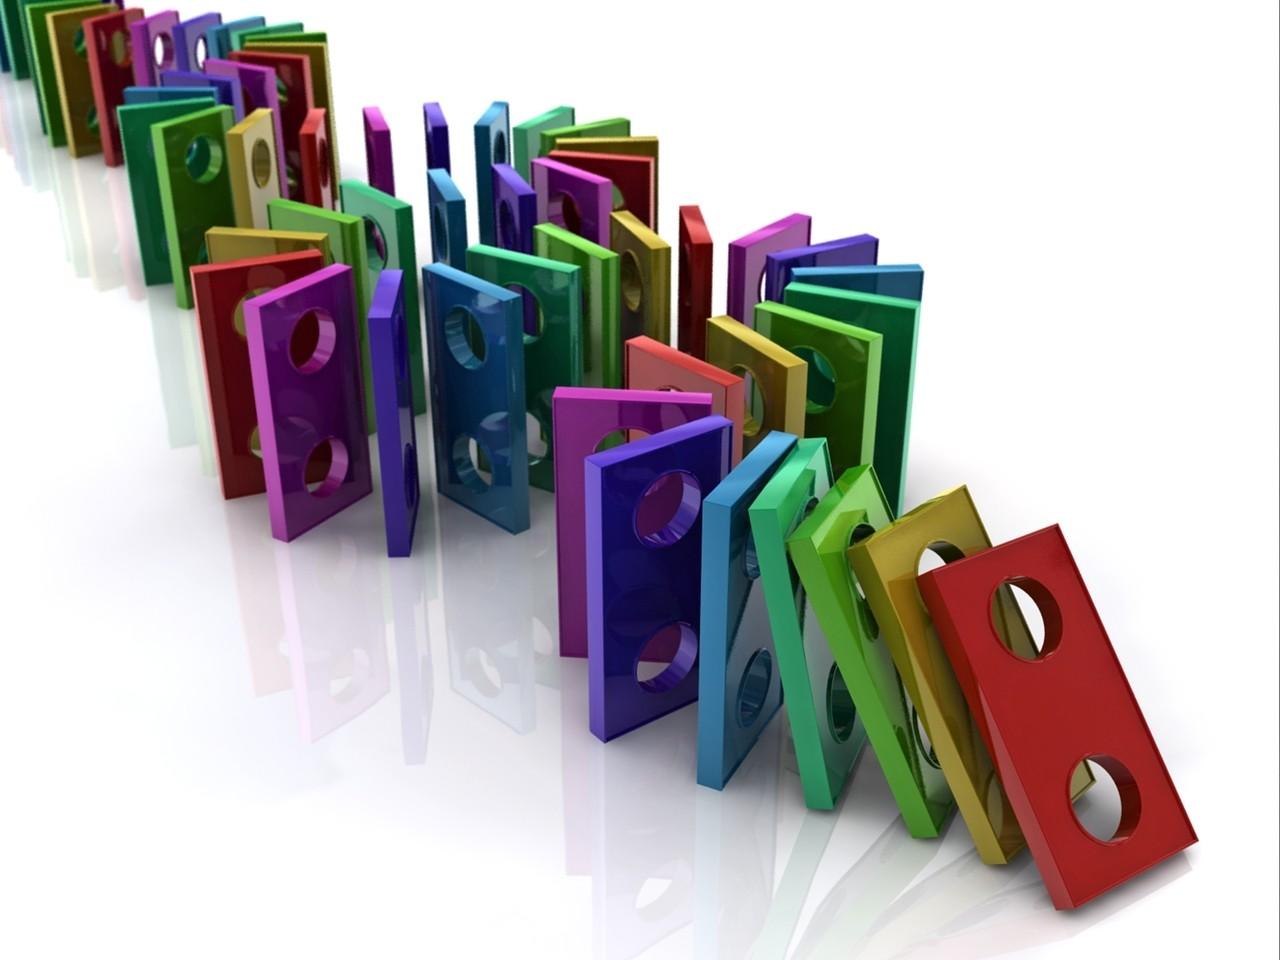 Dla kogo domino obrazkowe?